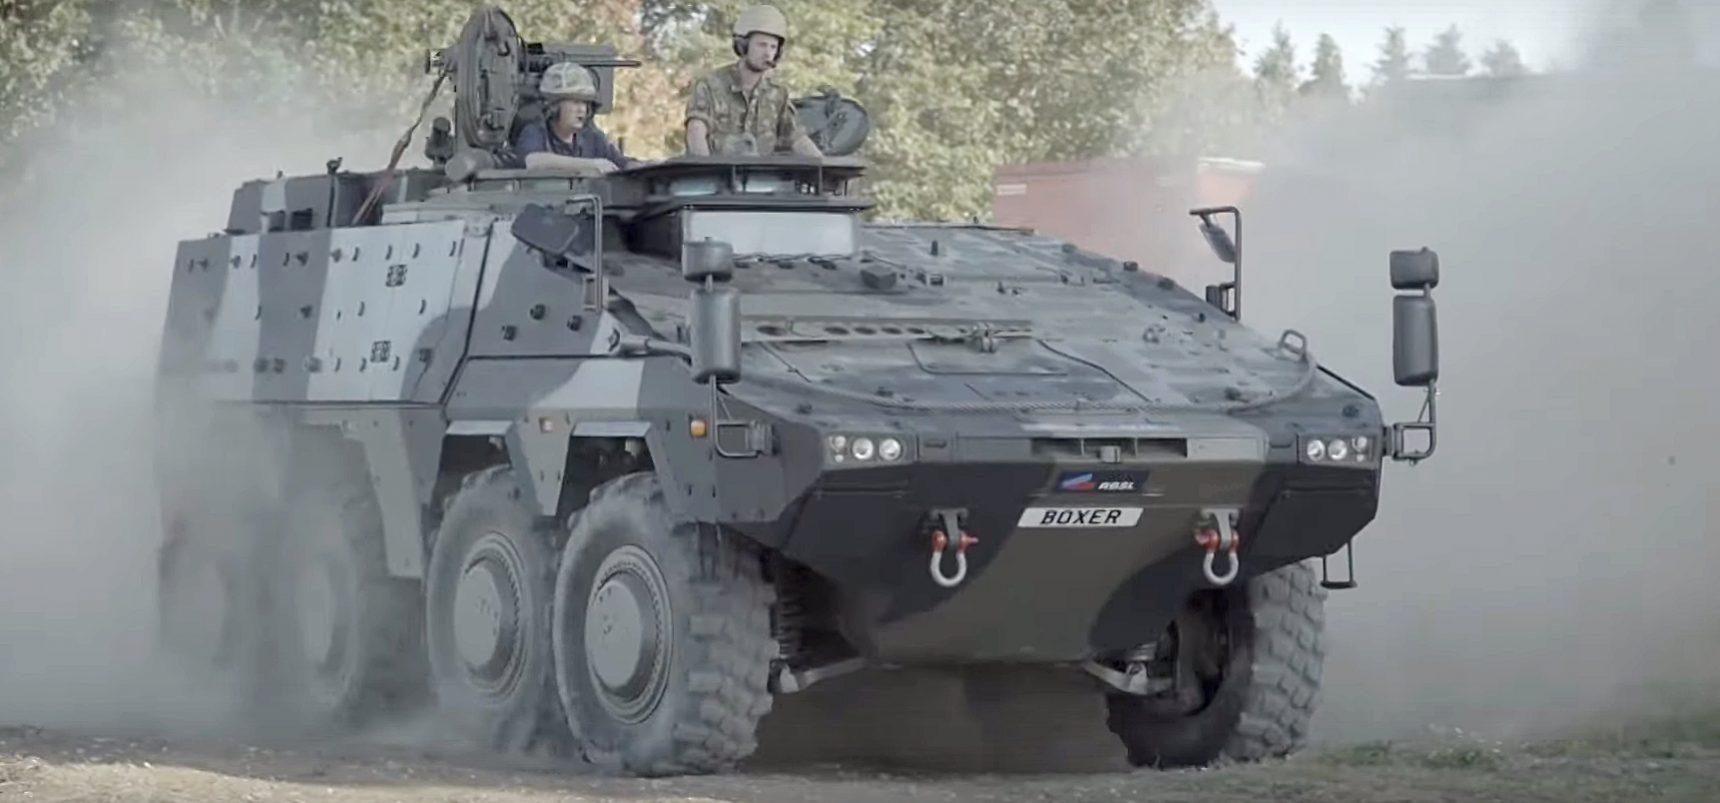 Sachstand und Perspektiven für das Geschützte Transportkraftfahrzeug GTK Boxer